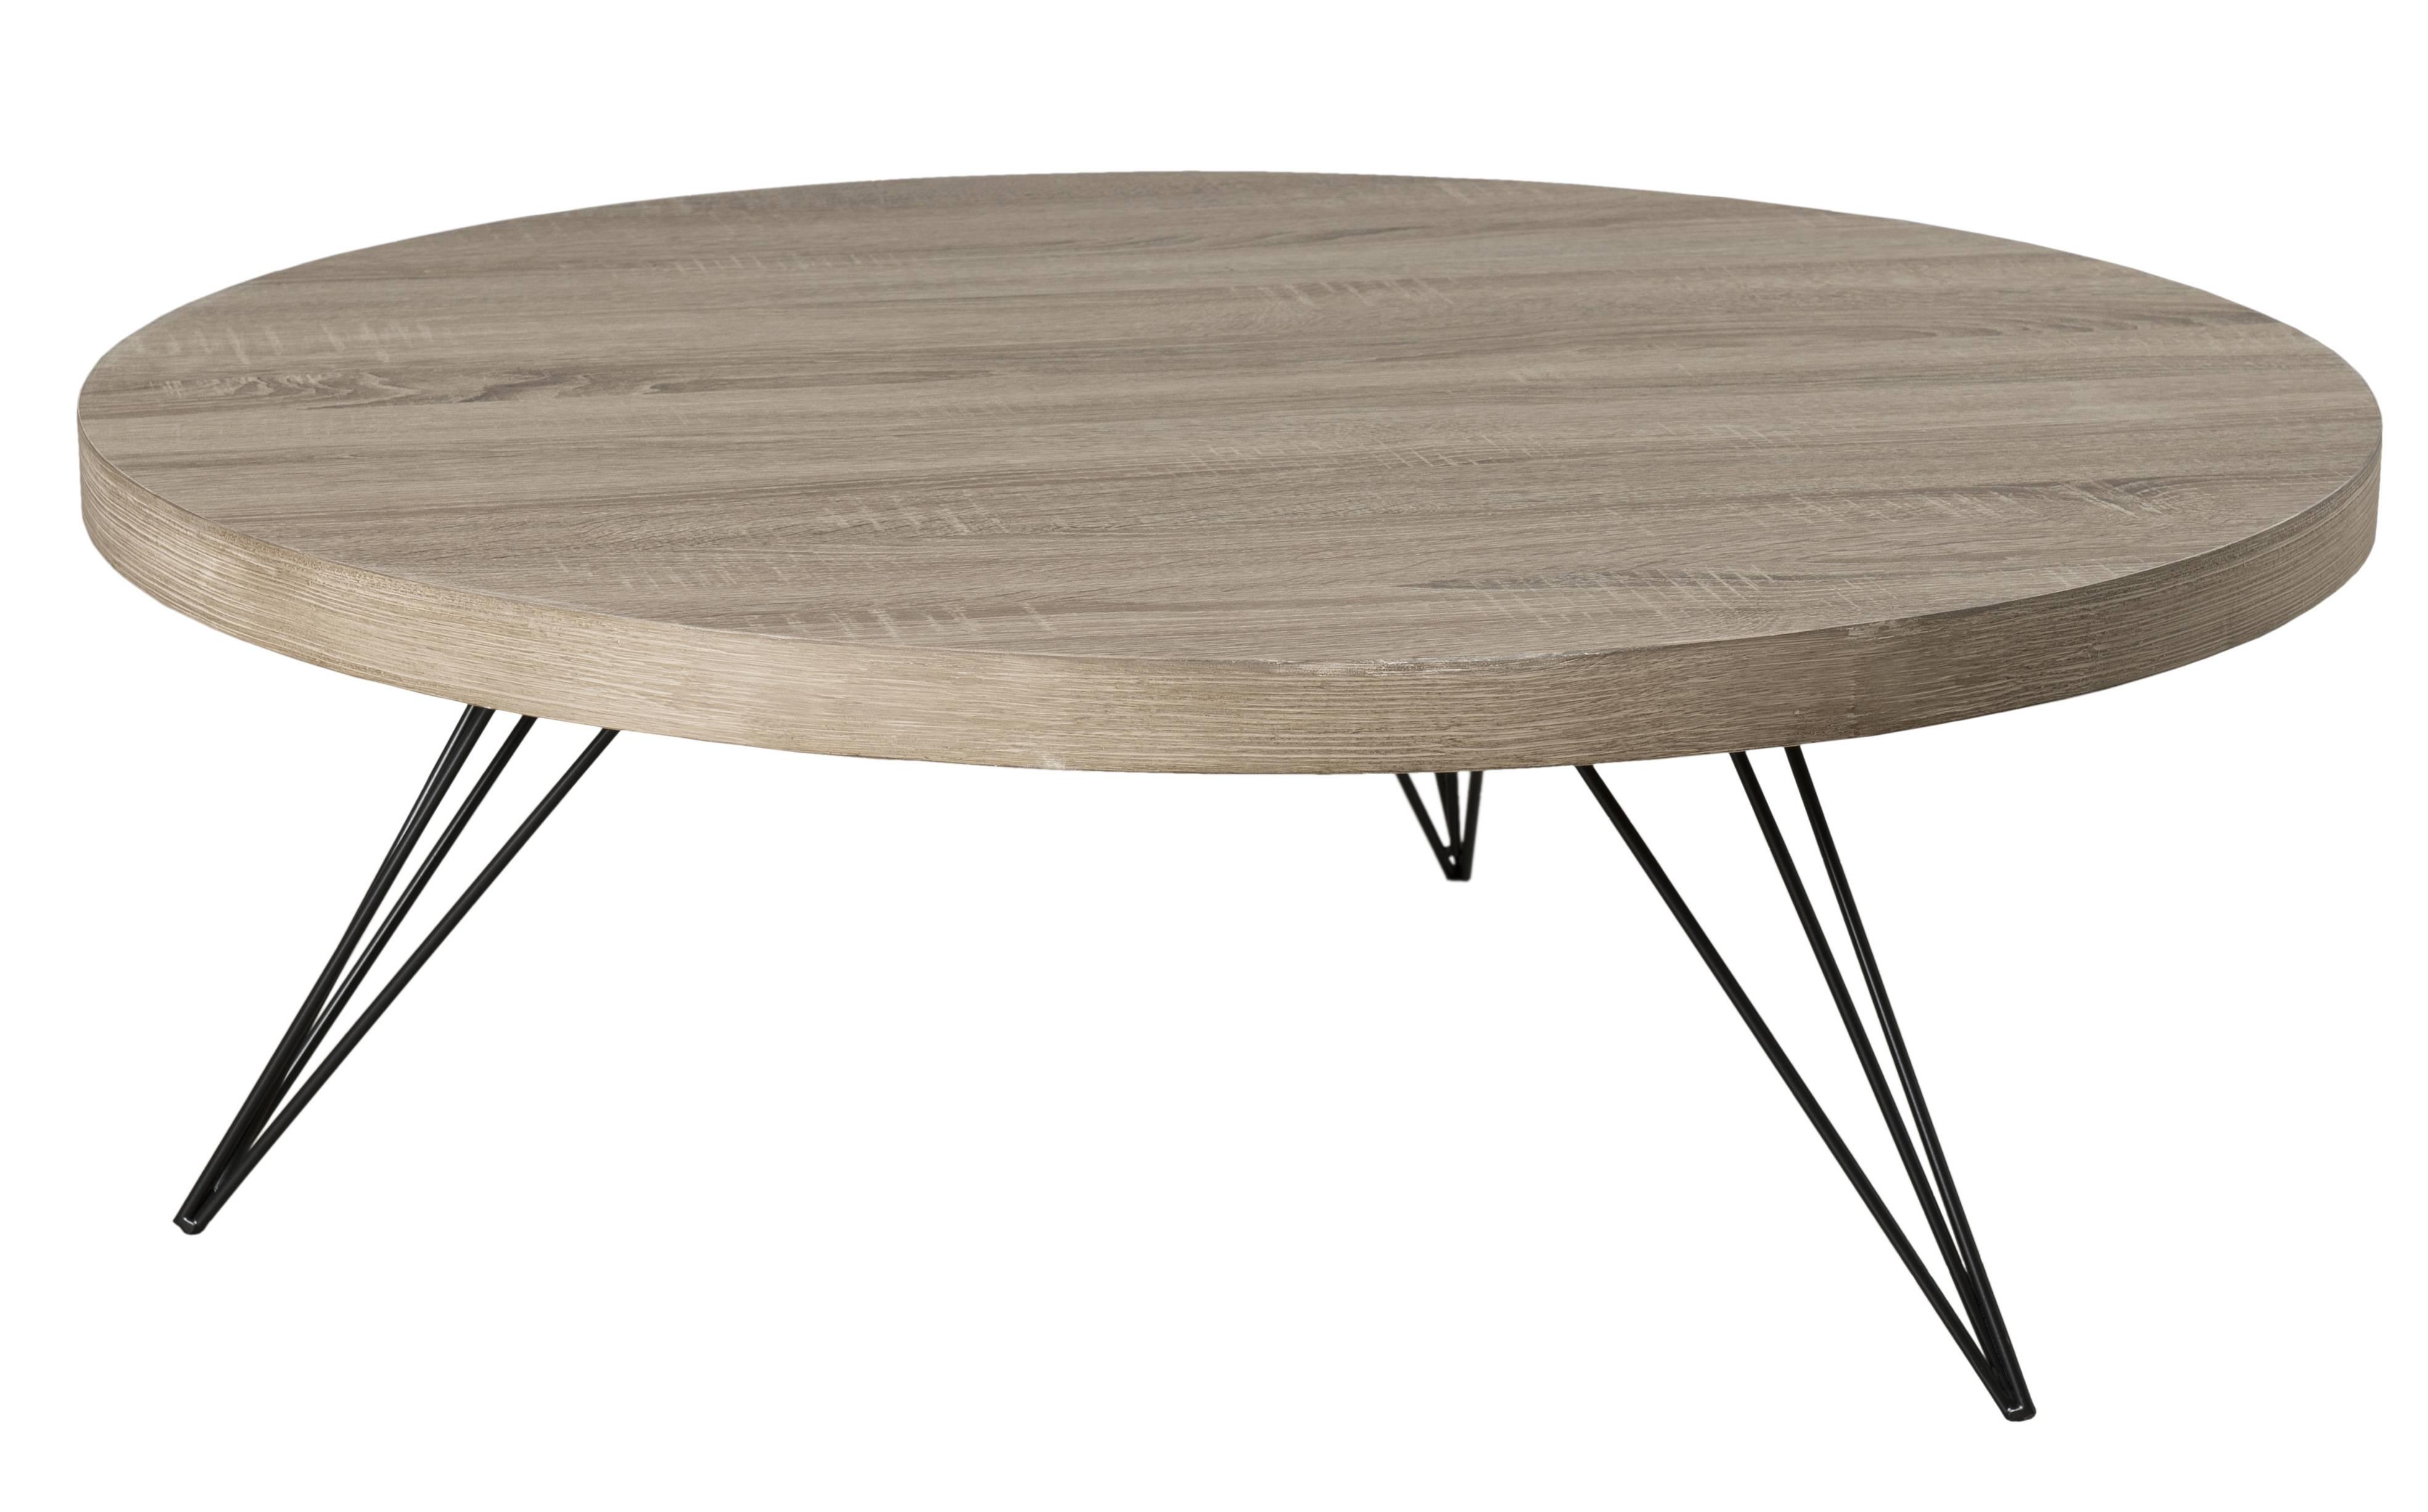 Table Basse Ronde Art Deco table basse ronde bois clair et pieds métal h30 cm manado